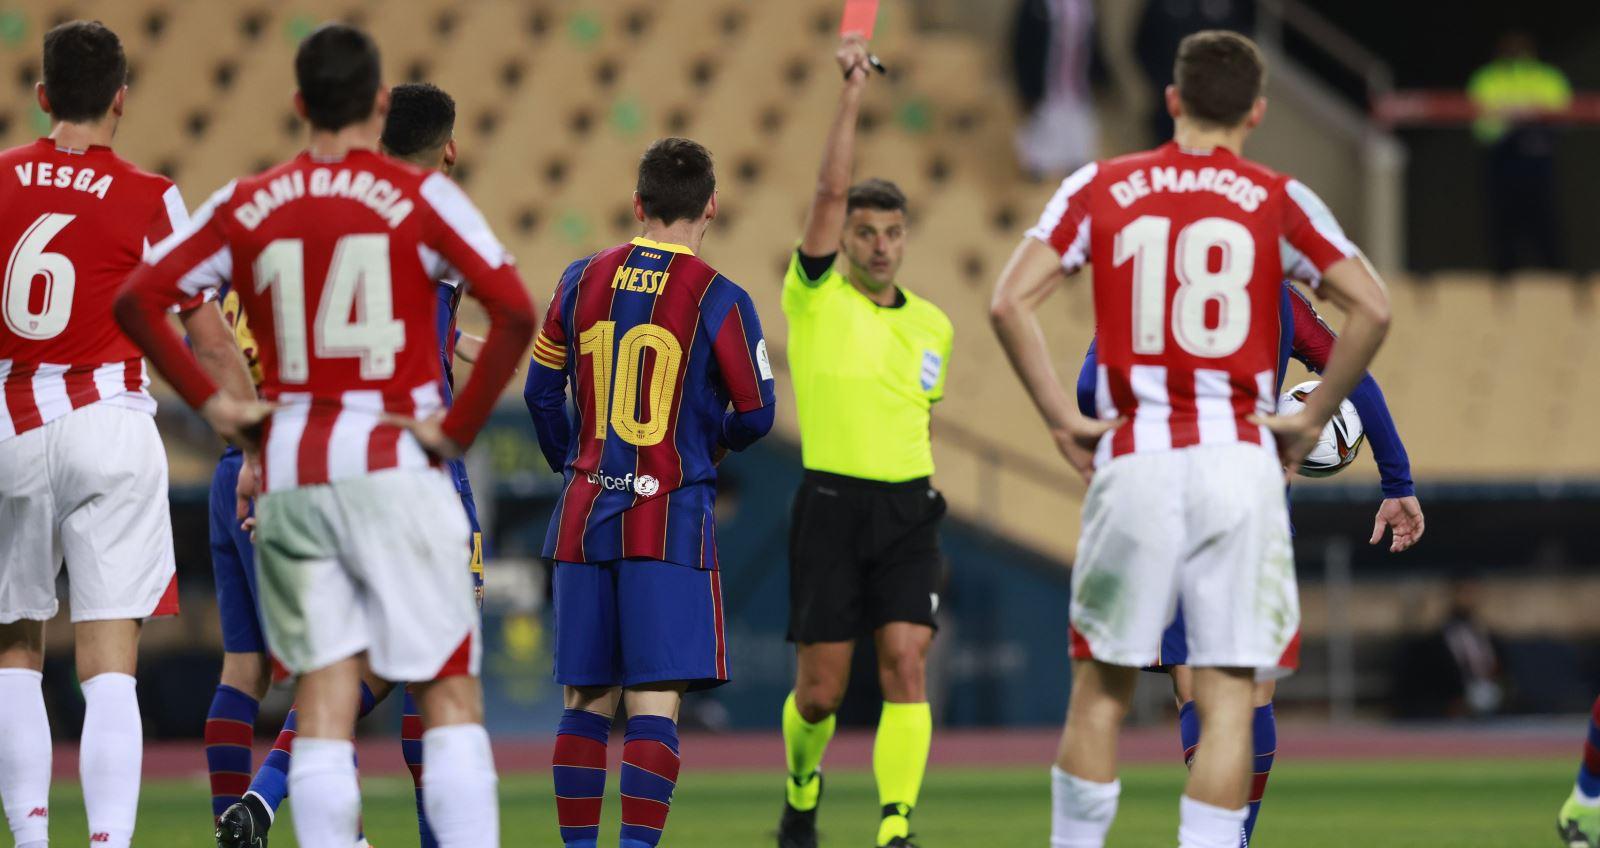 Trọng tài đuổi Messi ở trận chung kết Siêu cúp Tây Ban Nha có thể bị phạt ngược?